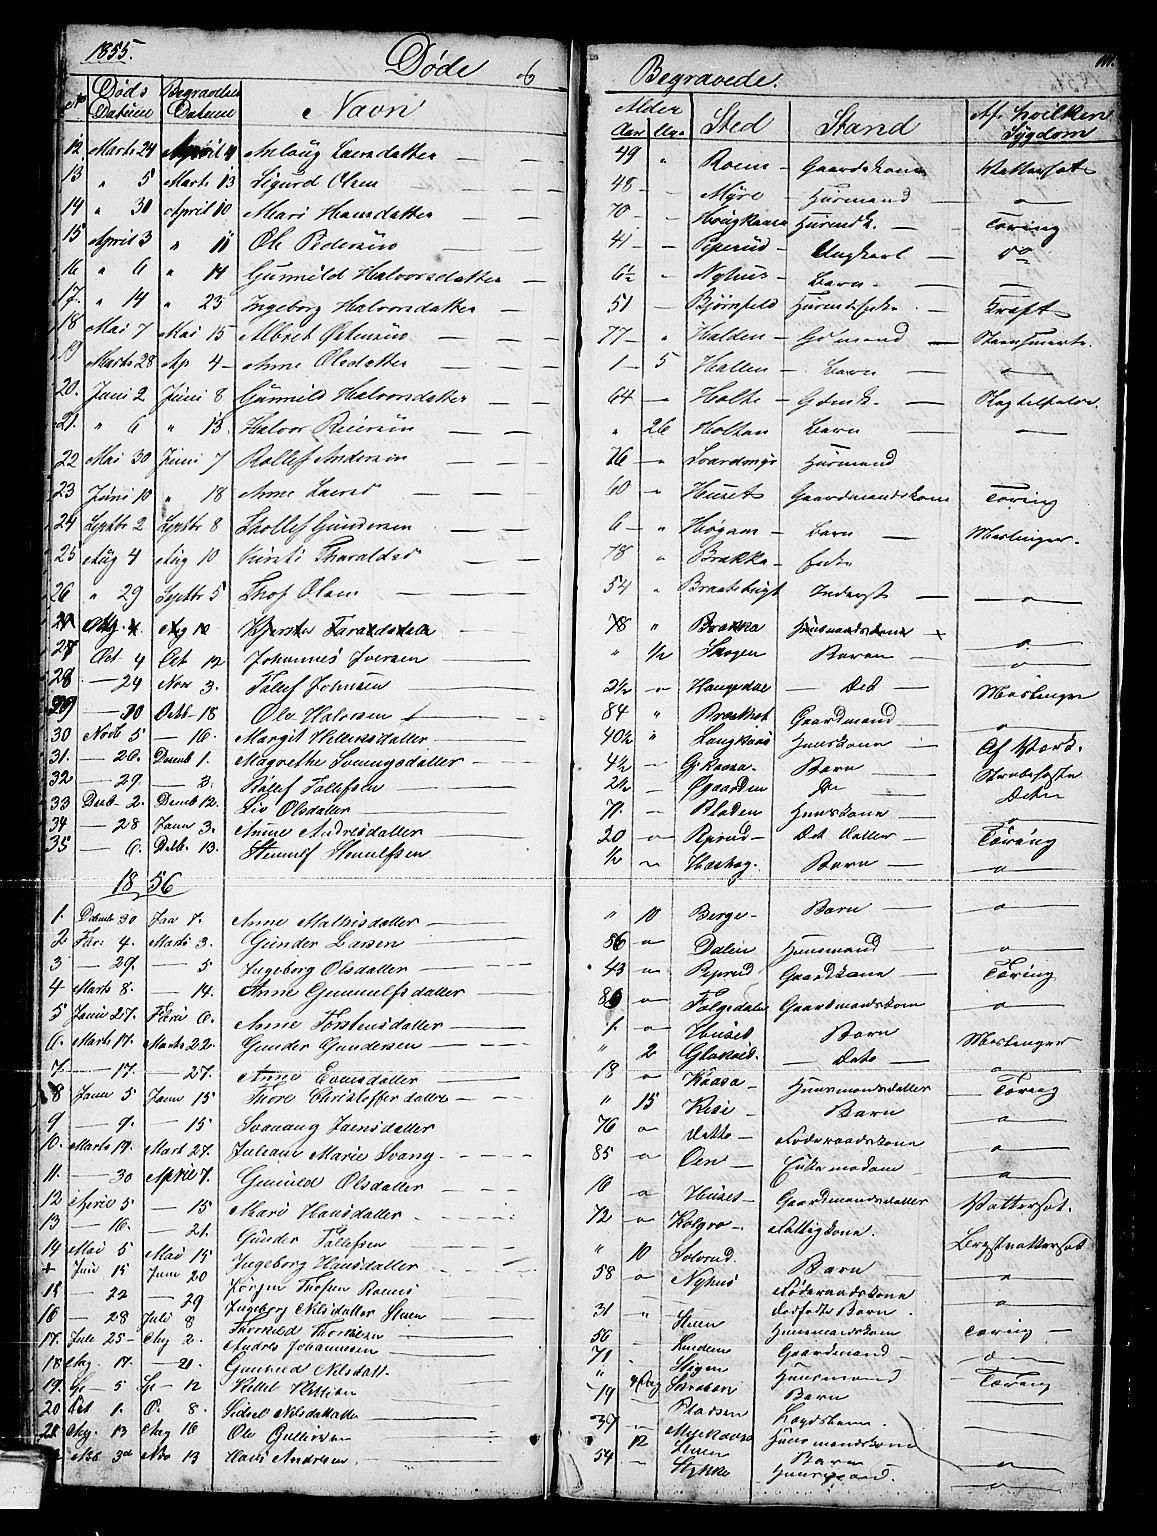 SAKO, Sauherad kirkebøker, G/Gb/L0001: Klokkerbok nr. II 1, 1845-1865, s. 111